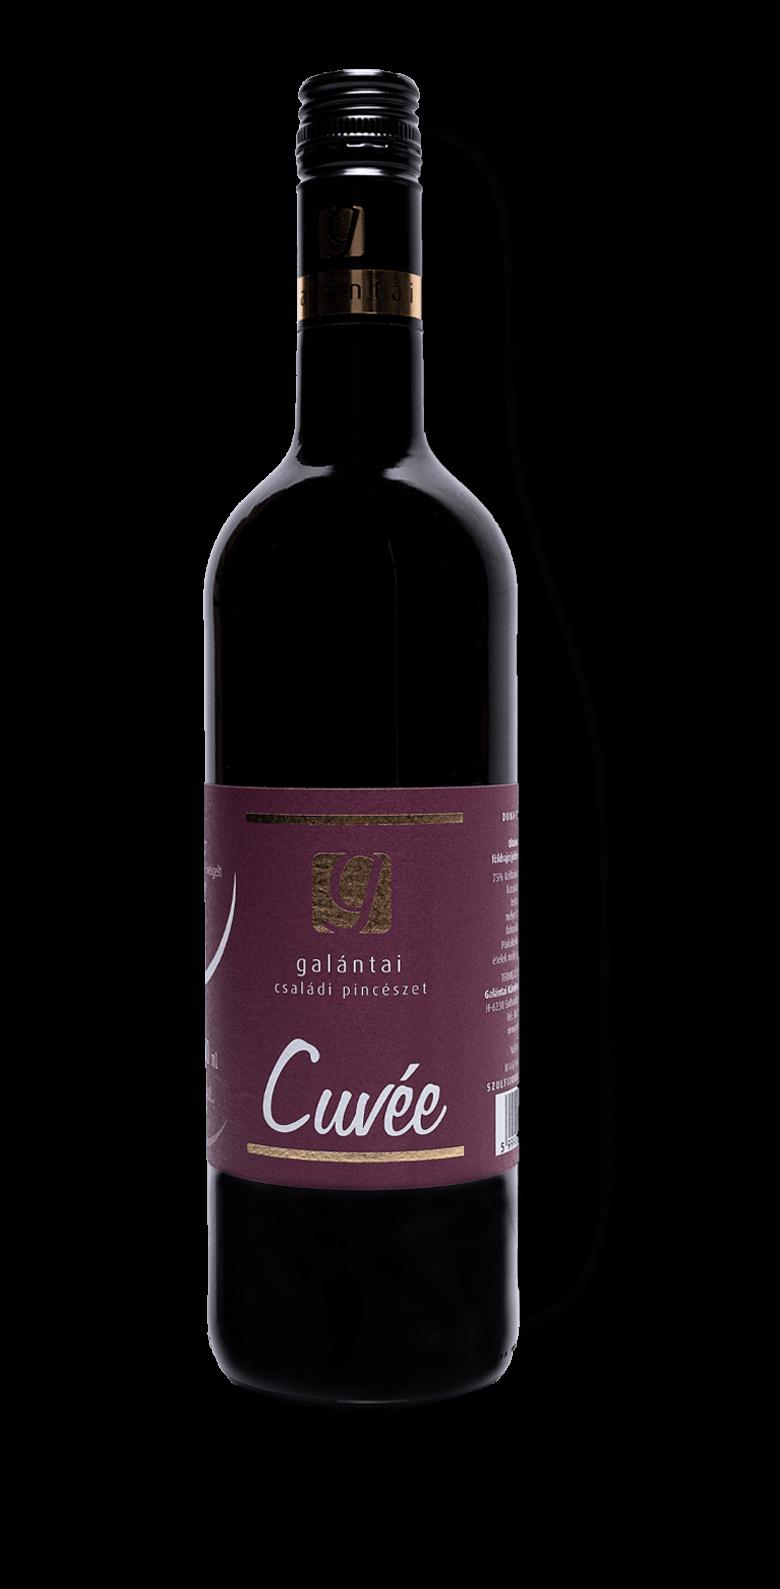 Galántai Cuvée - Galántai Családi Pincészet Soltvadkert